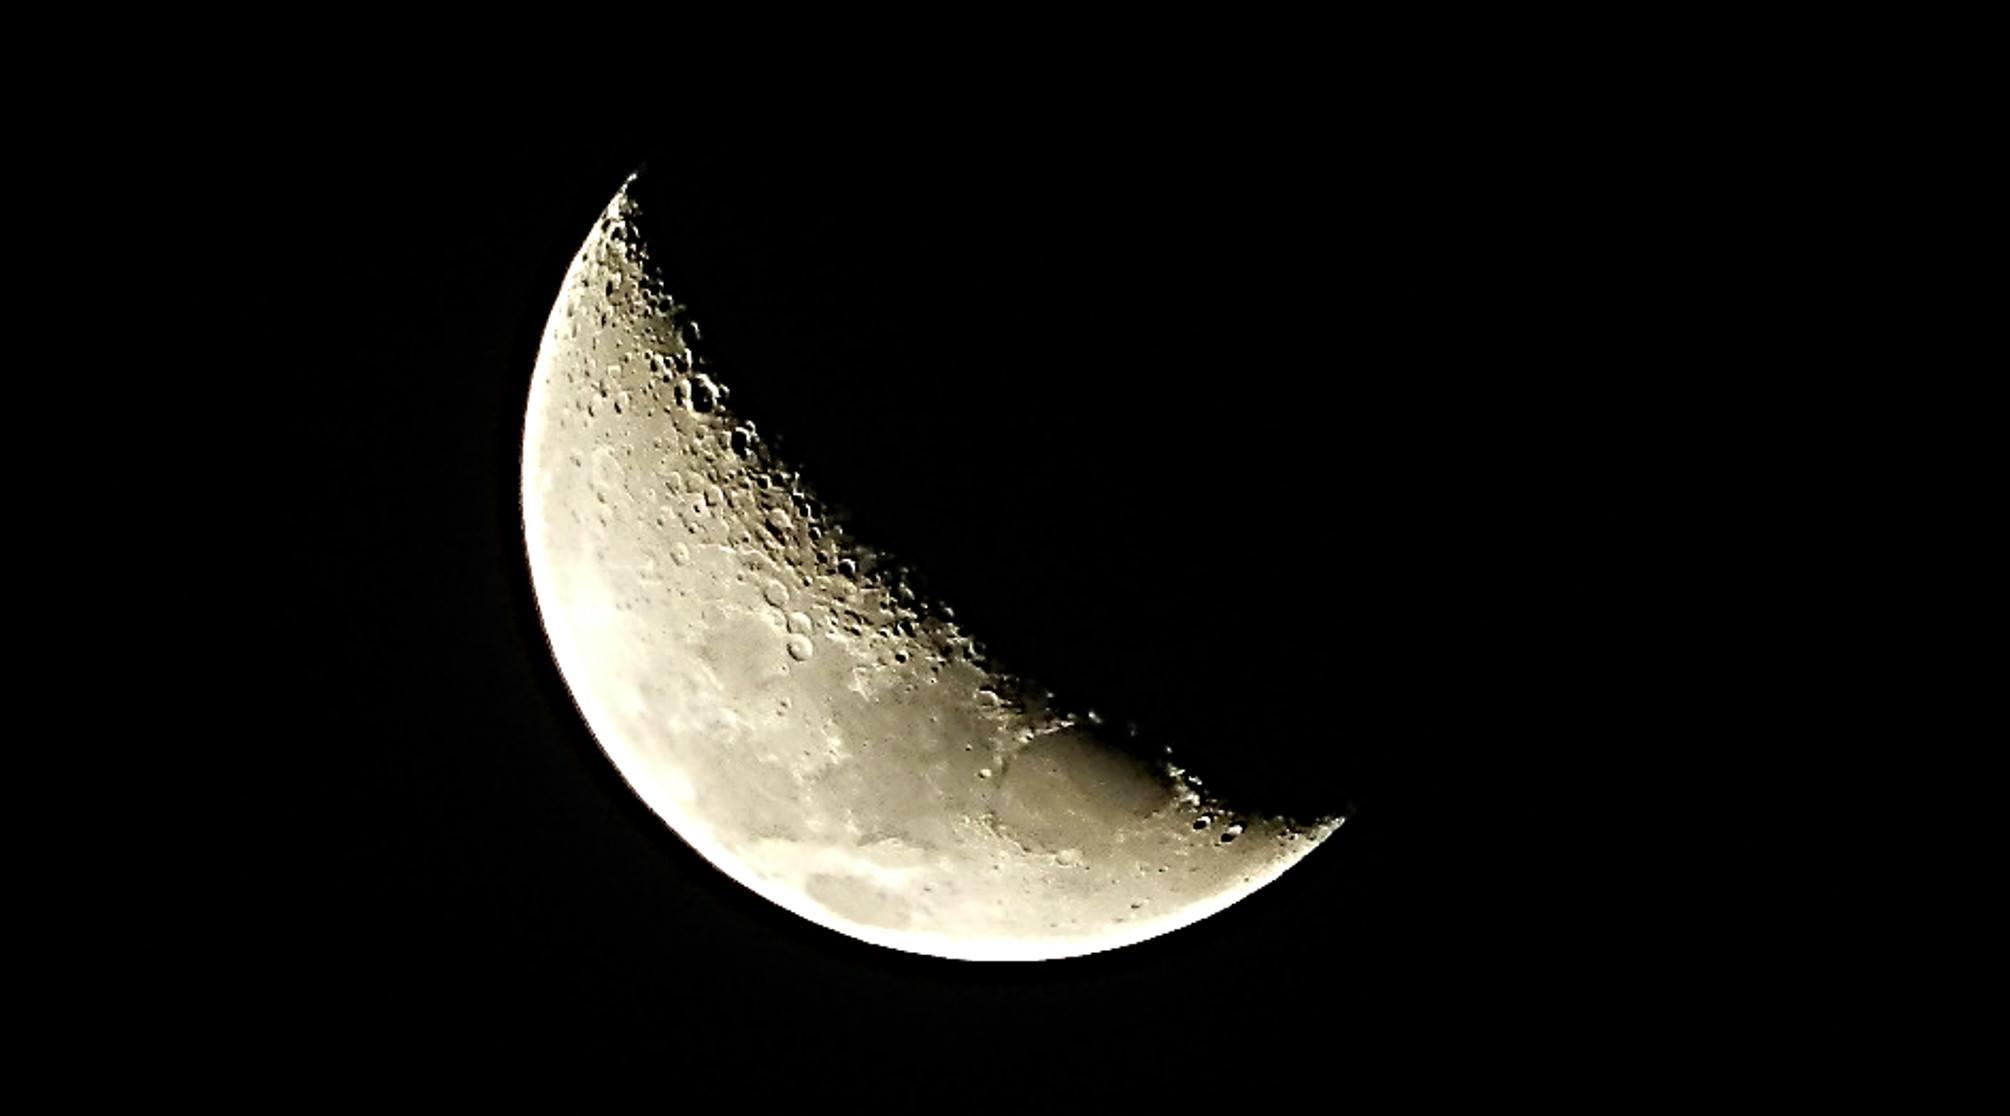 descubre qu es lo que tienes que hacer con luna creciente